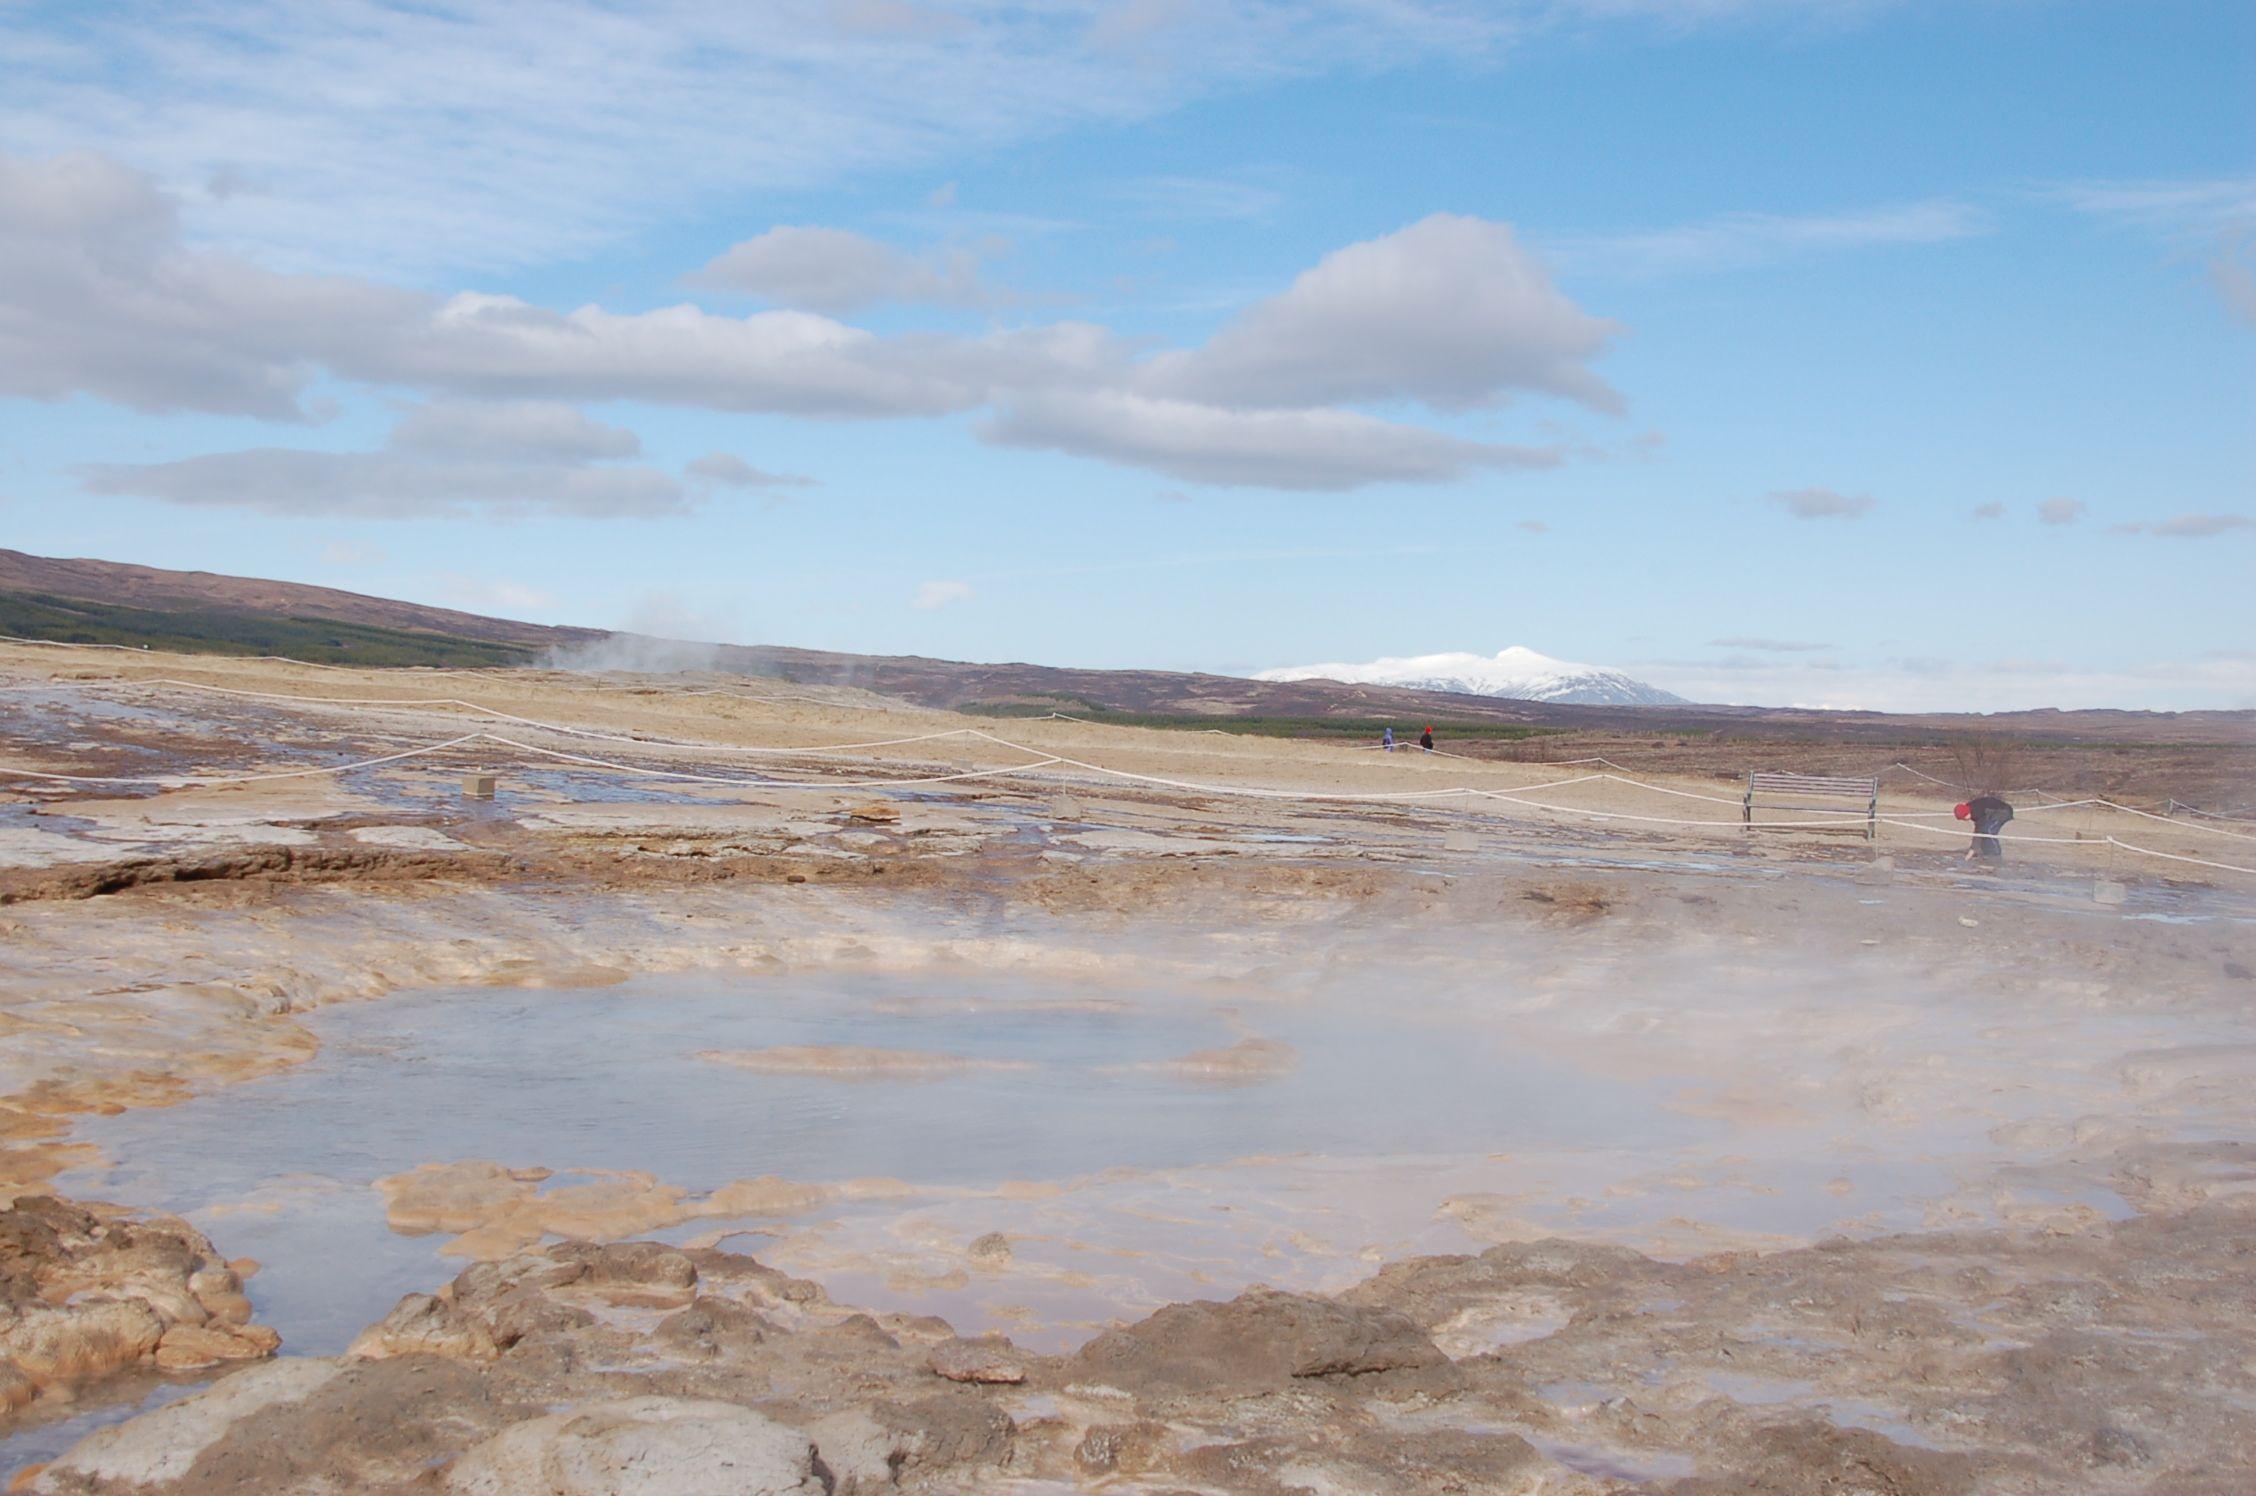 Und zur Verschmelzung mit der Landschaft